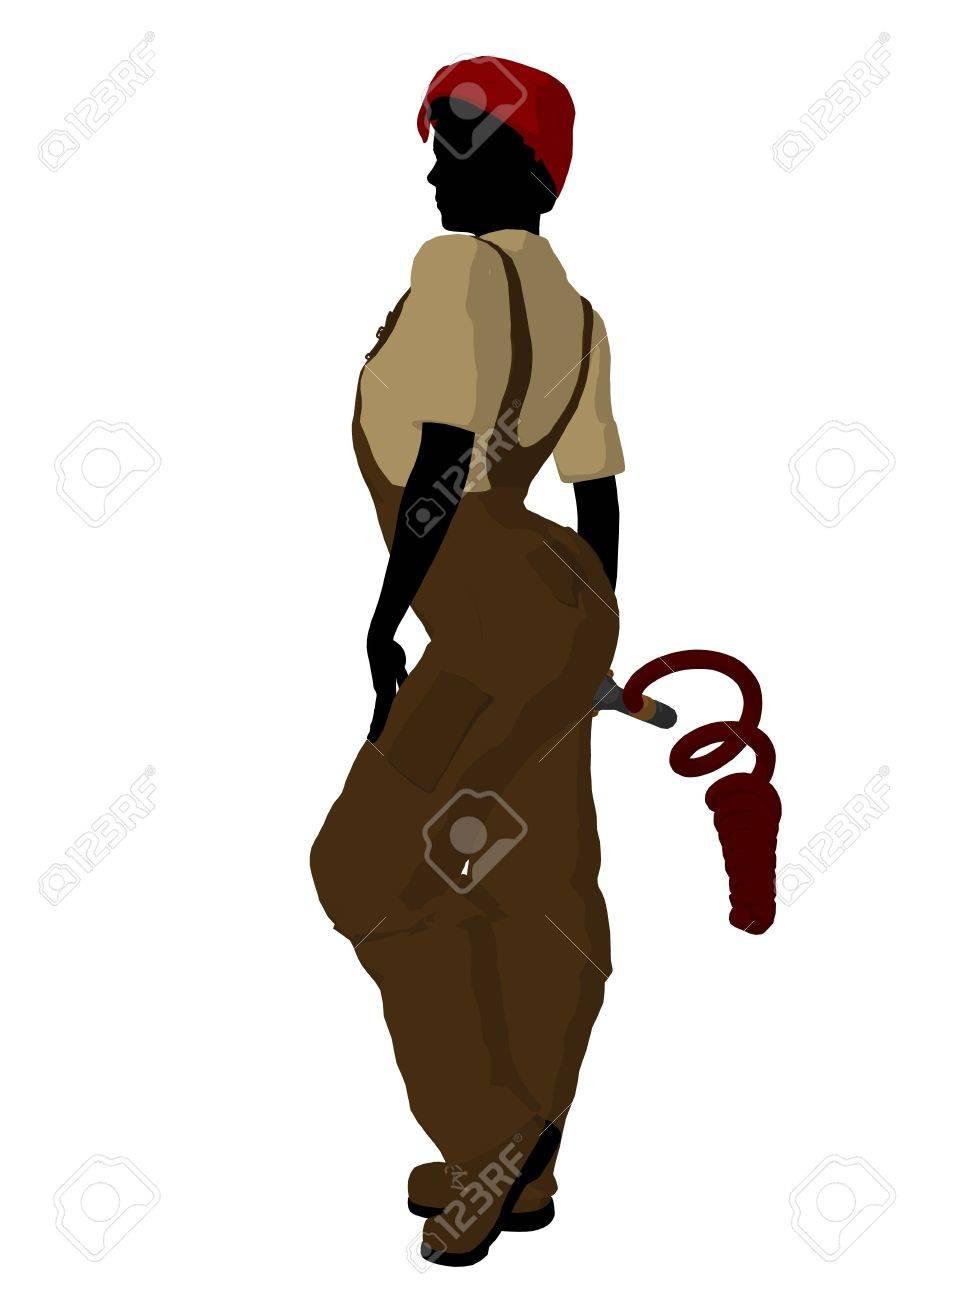 白い背景の上の女性メカニック イラスト シルエット の写真素材画像